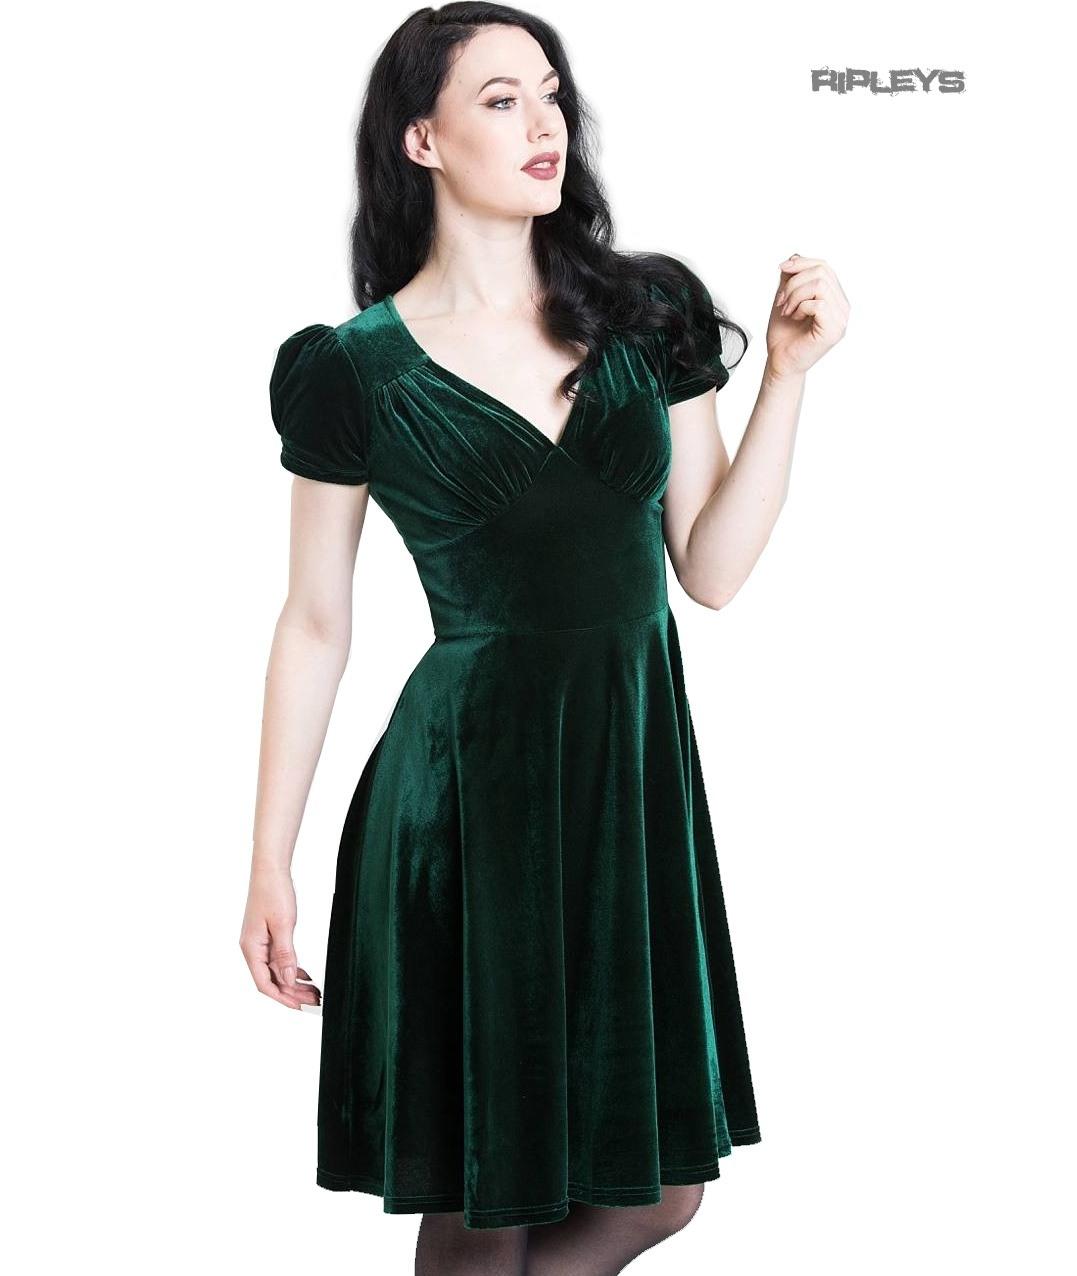 20 Leicht Elegante Kleider Grün Vertrieb10 Genial Elegante Kleider Grün Boutique